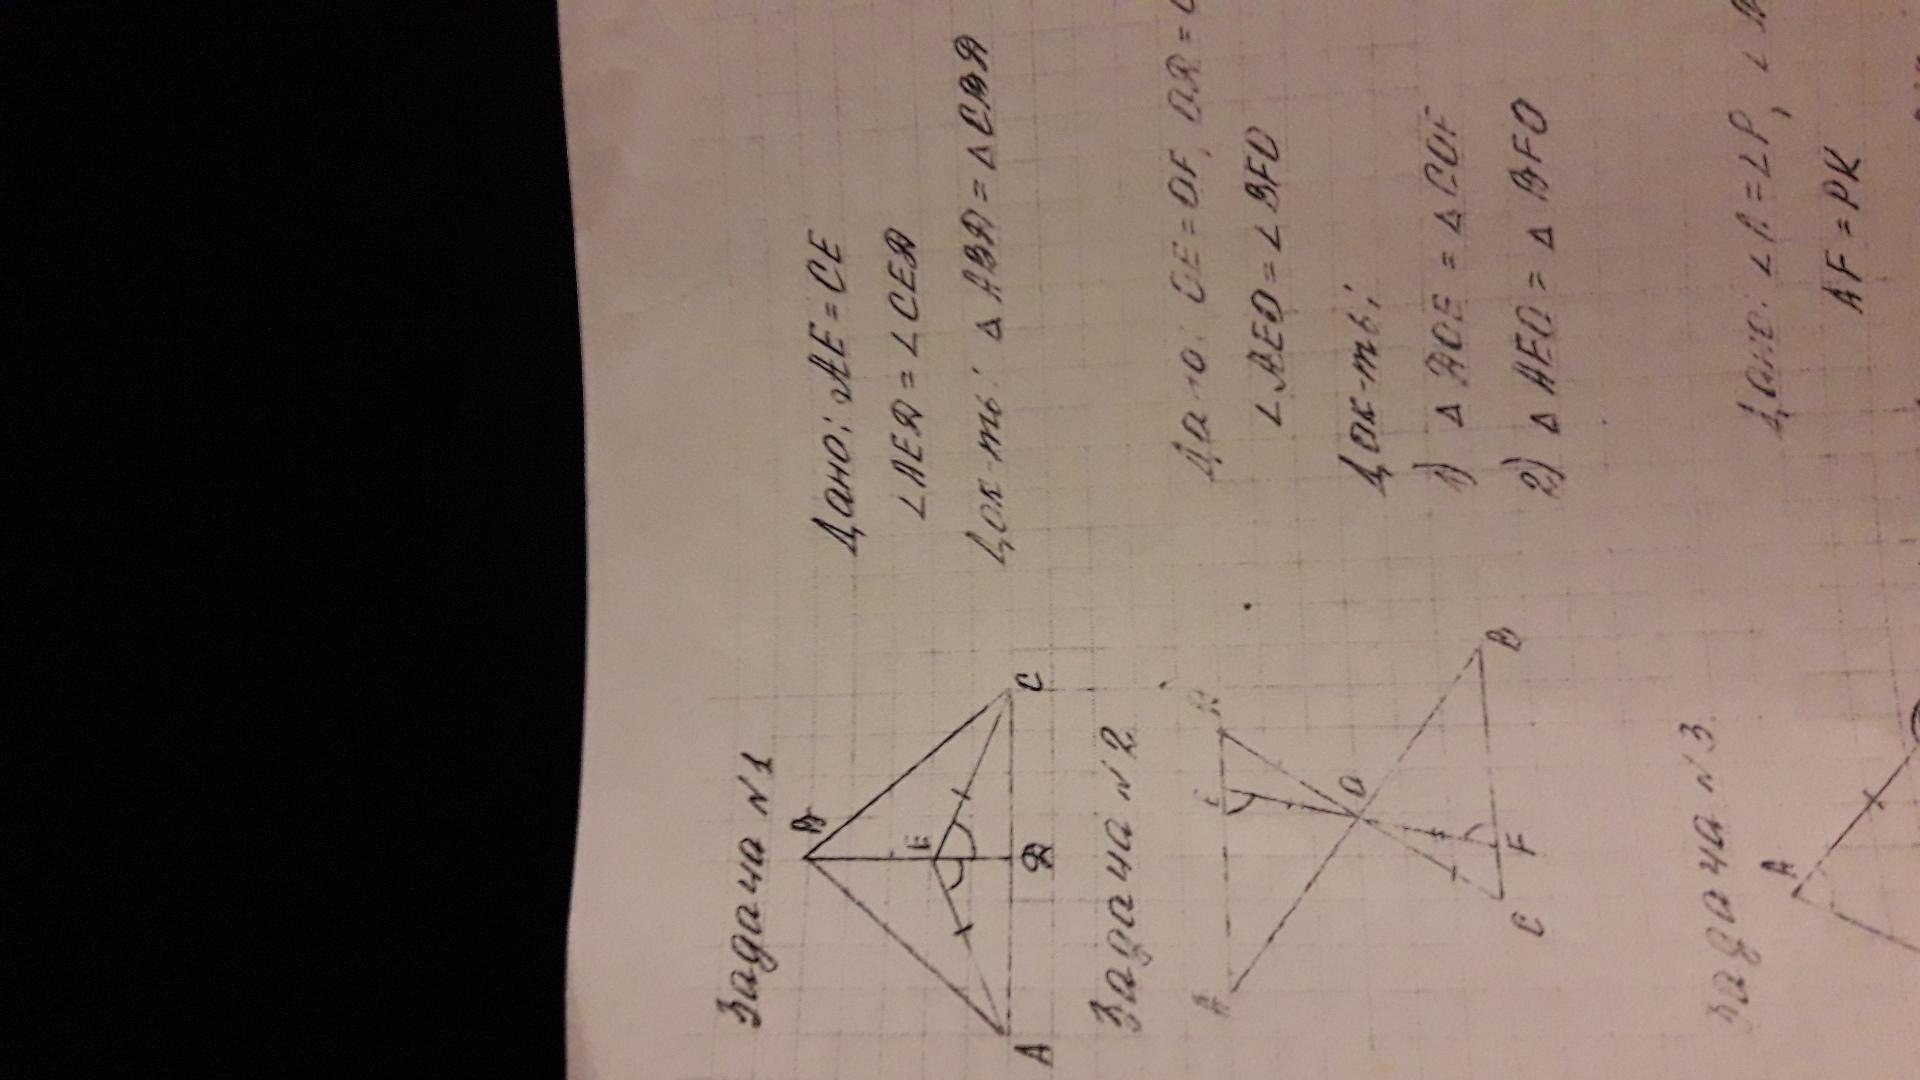 Решите пожалуйста задачку номер 1 по геометрии